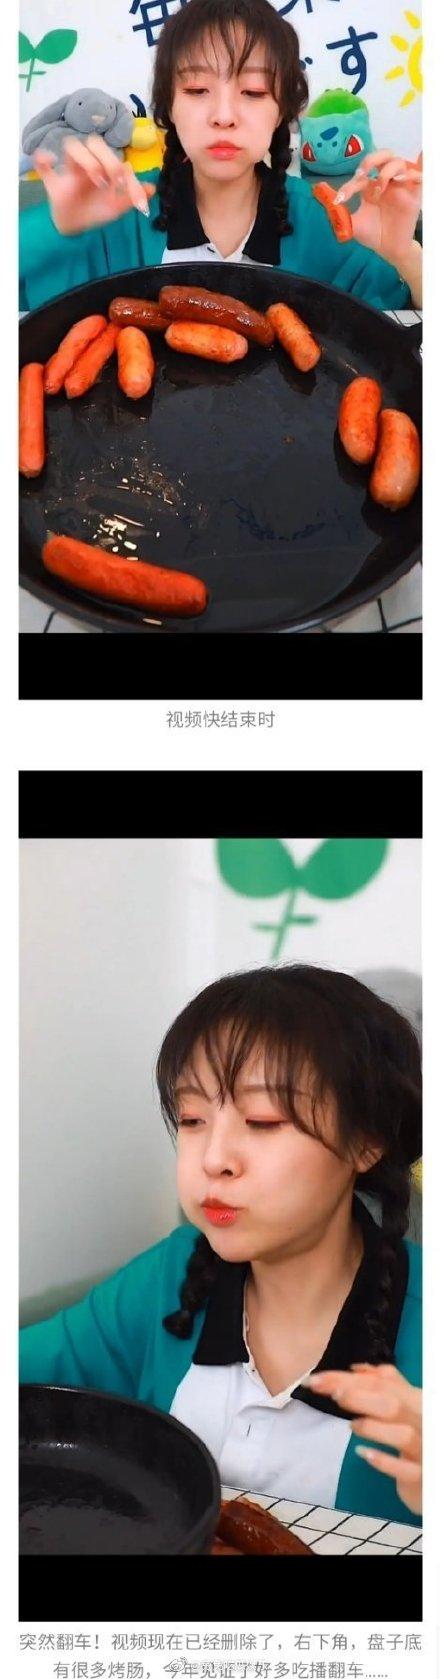 由于许多知名大胃王陆续「翻车」被爆出假吃和催吐,中国政府决定下令禁止「大胃王吃播」的风气,杜绝浪费粮食的行为。而知名大胃王Mini则直接被方在中国官方媒体《央视》的新闻上,也让她吓得紧急改名为「梨涡少女Mini」。  Mini先前在网路上Po出《公开挑战吃100根烤肠》的影片,被眼尖的网友发现换了镜位后,发现了她藏在碗下的香肠,疑似是咬了一口吃不下才偷偷藏起来的。  而随后她也在微博上公开道歉,表示自己确实没有吃完100跟,只吃了92根而已。但她委屈地表示影片中吃的烤肠是点外卖叫来的,送到时已经不太热了。当工作人员又重新加热后,没有掌握好火侯,导致有几根烤肠不小心烤焦了,所以最后吃起来「又硬又凉」的。Mini也保证自己绝对没有浪费食物,有将当时吃不下的烤肠「打包回家蒸来吃」。  面对中国大动作的清扫行动,Mini十分害怕被政府「查水表」,于是也紧急将微博、YT等社群网站的名字都改成「梨涡少女Mini」,粉丝也留言「不如趁着这波抵制潮 考虑转型怎么样」、「假吃欺骗观众 不可取」、「最讨厌你们这些喜欢浪费粮食的人了」。